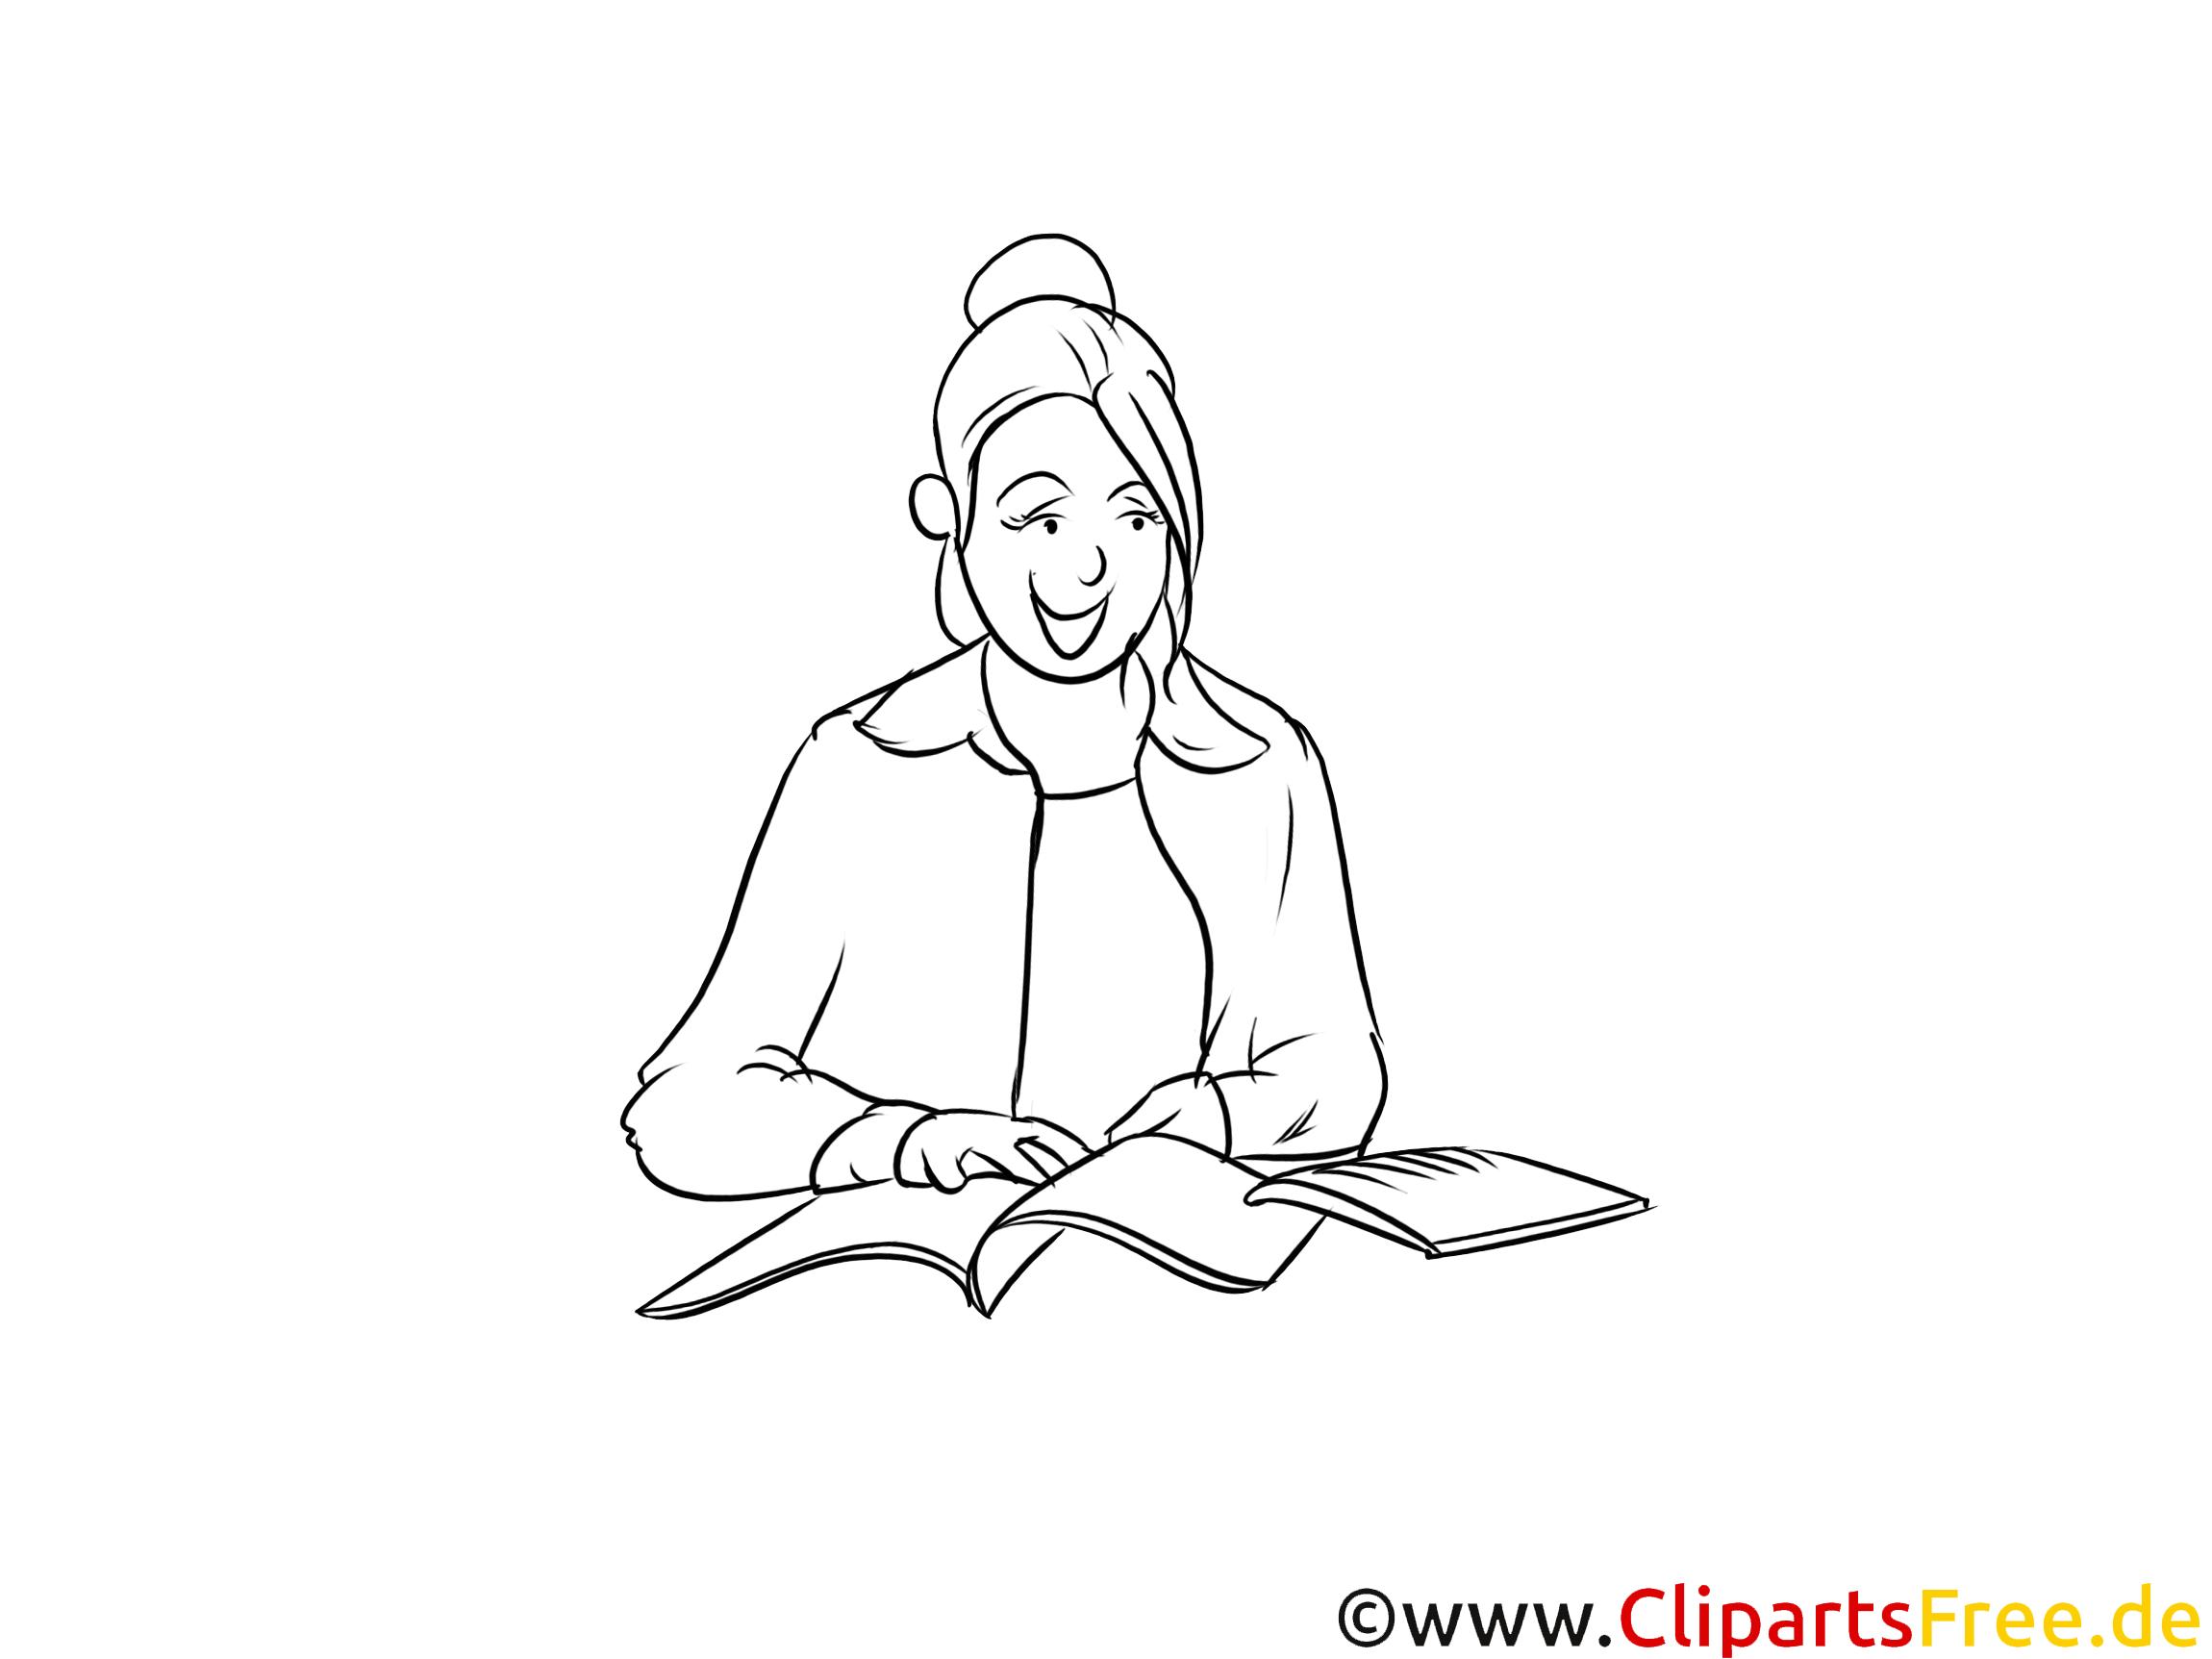 Lehrerin schwarz-weiße Cliparts, Bilder